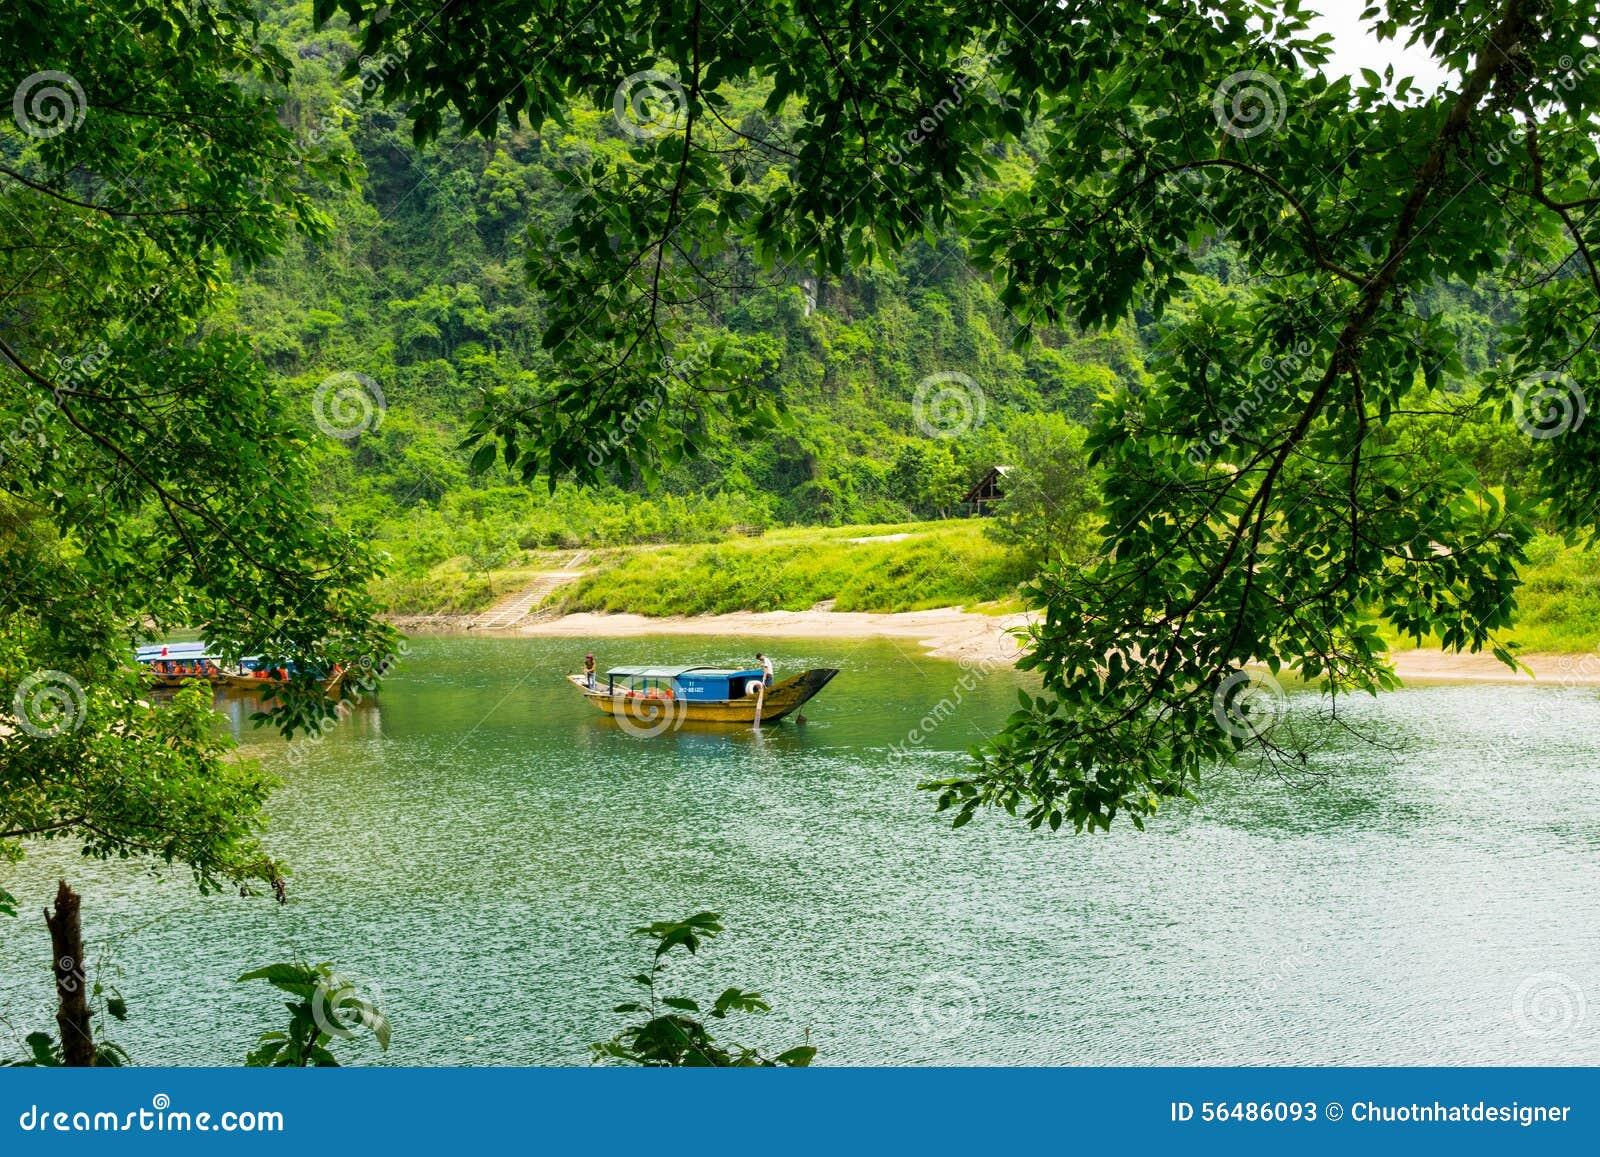 Les bateaux pour transporter des touristes à Phong Nha foudroient, Phong Nha - le KE frappent le parc national, Viet Nam